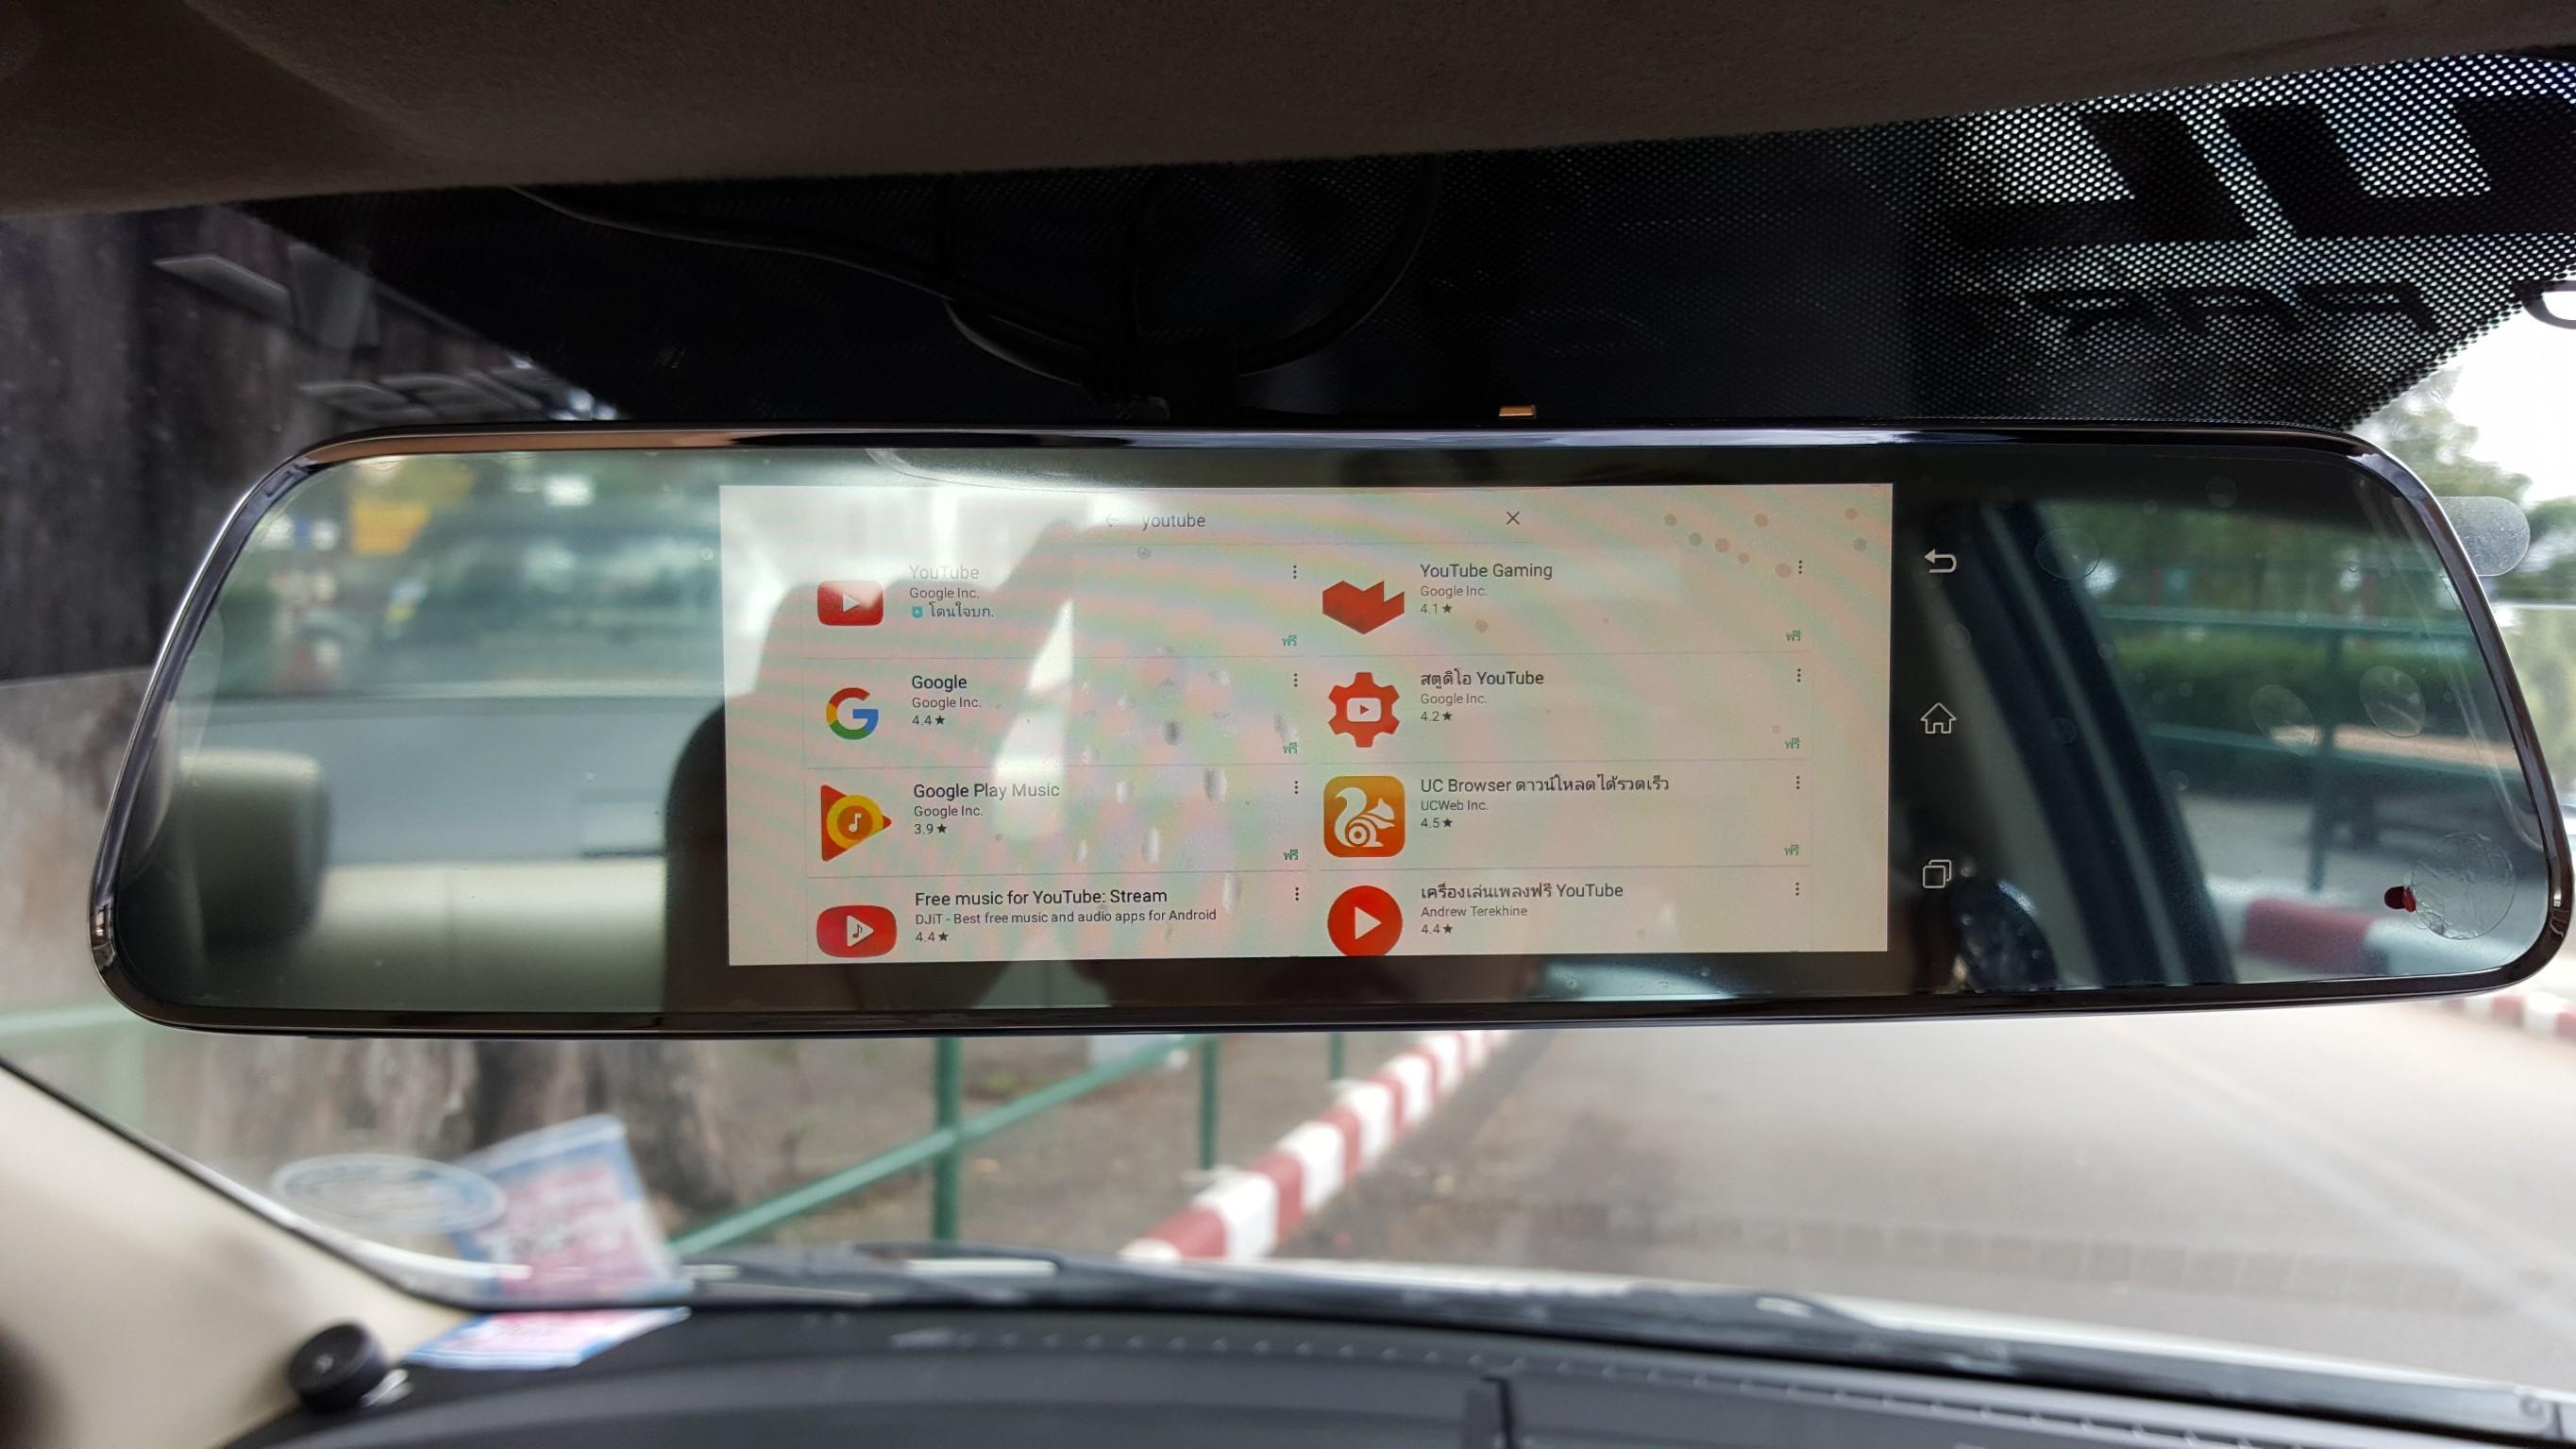 จอกระจก3G wifi_๑๗๐๖๒๕_0009